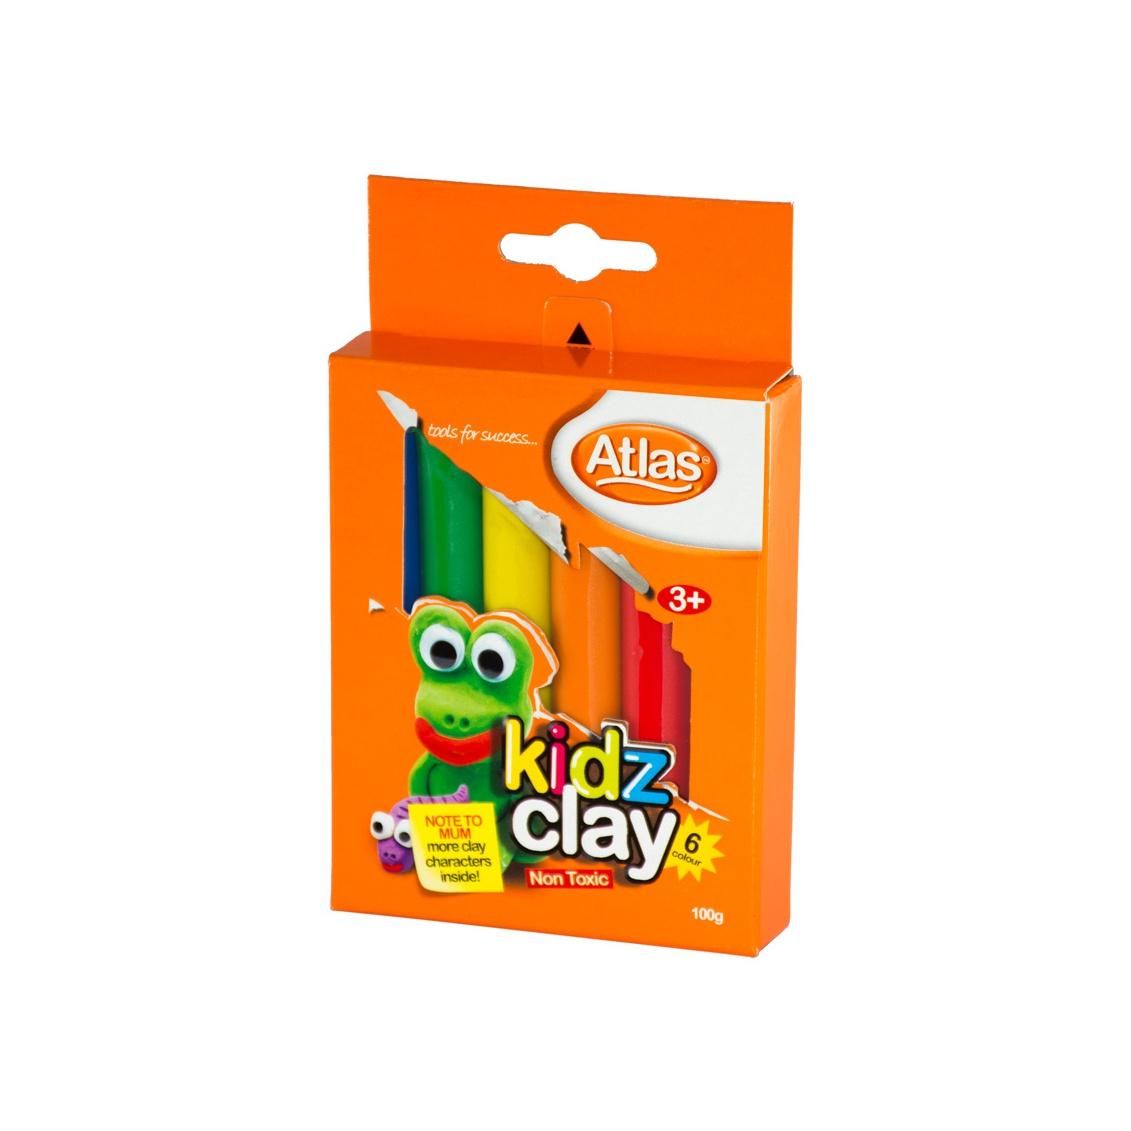 ATLAS CLAY KIDDY BOX 200-12 - in Sri Lanka